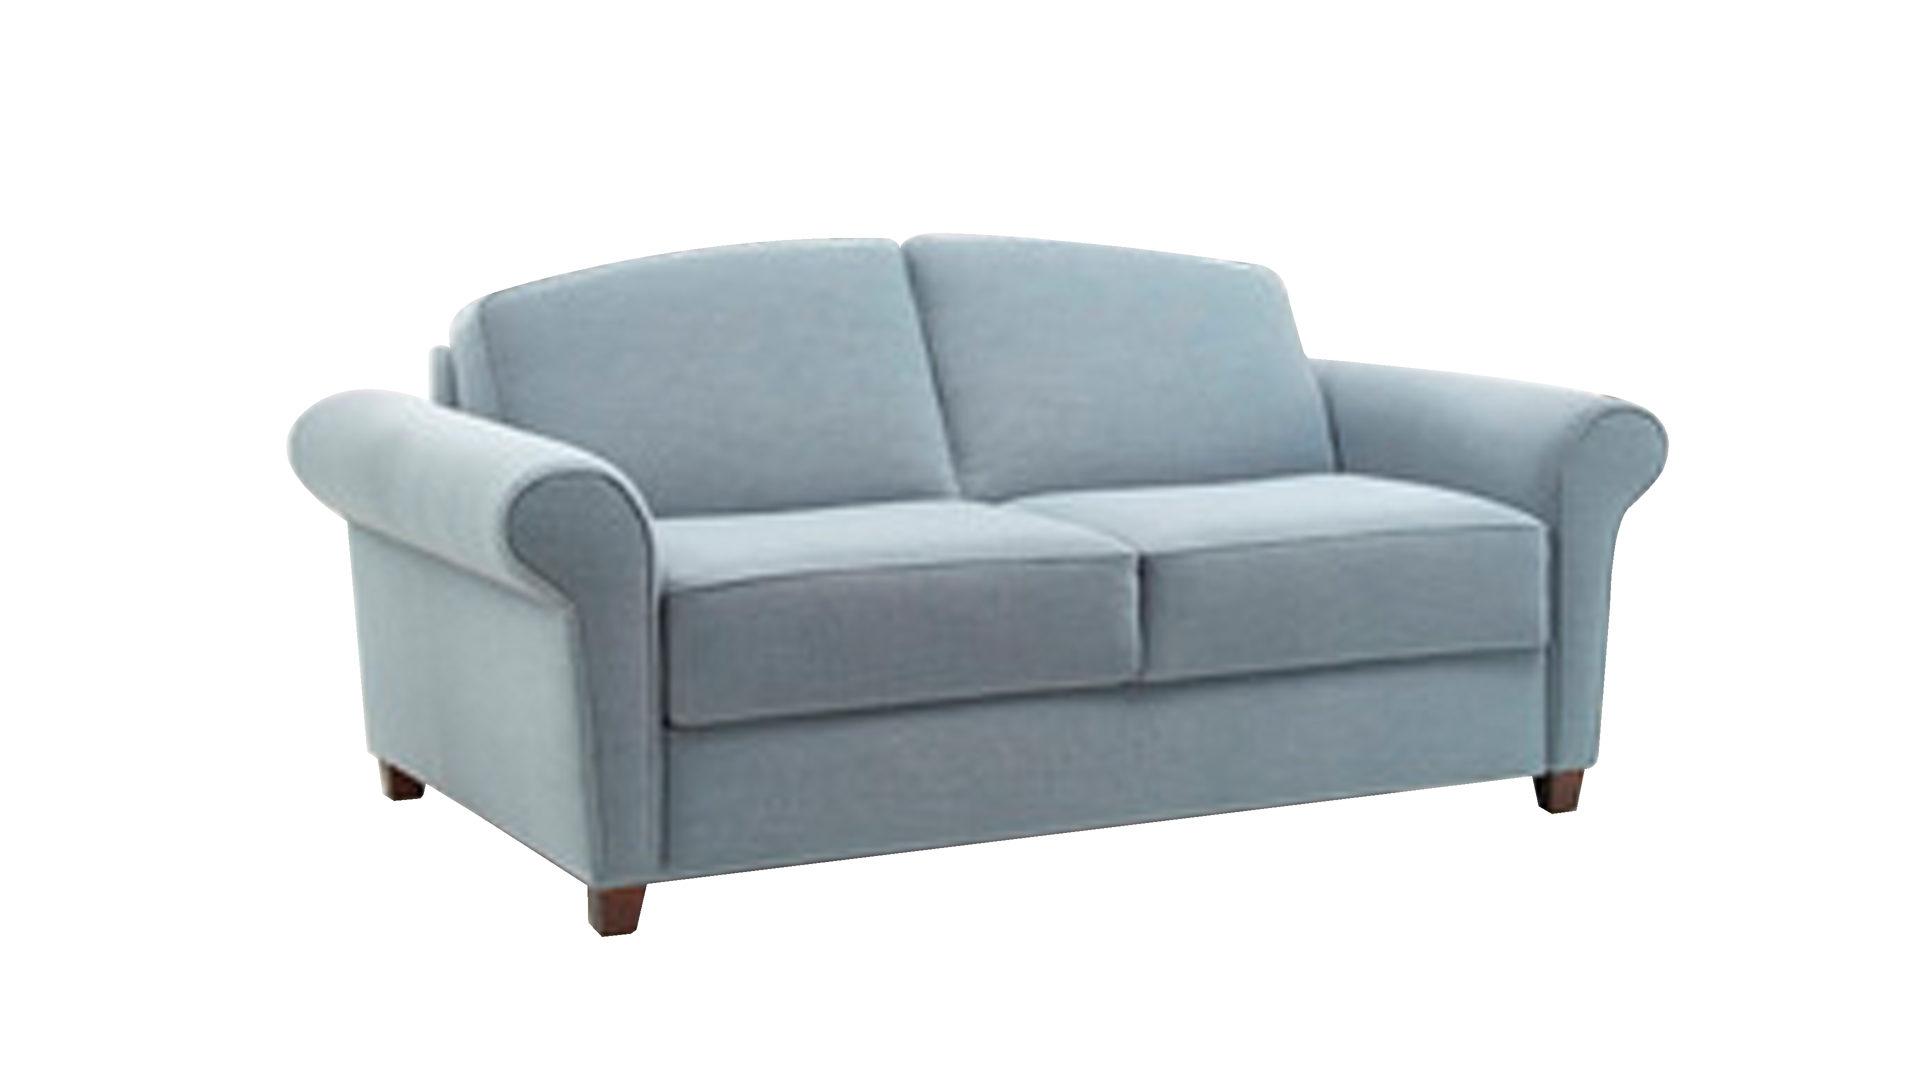 Schlafcouch Blau möbel bohn crailsheim möbel a z couches sofas schlafsofas